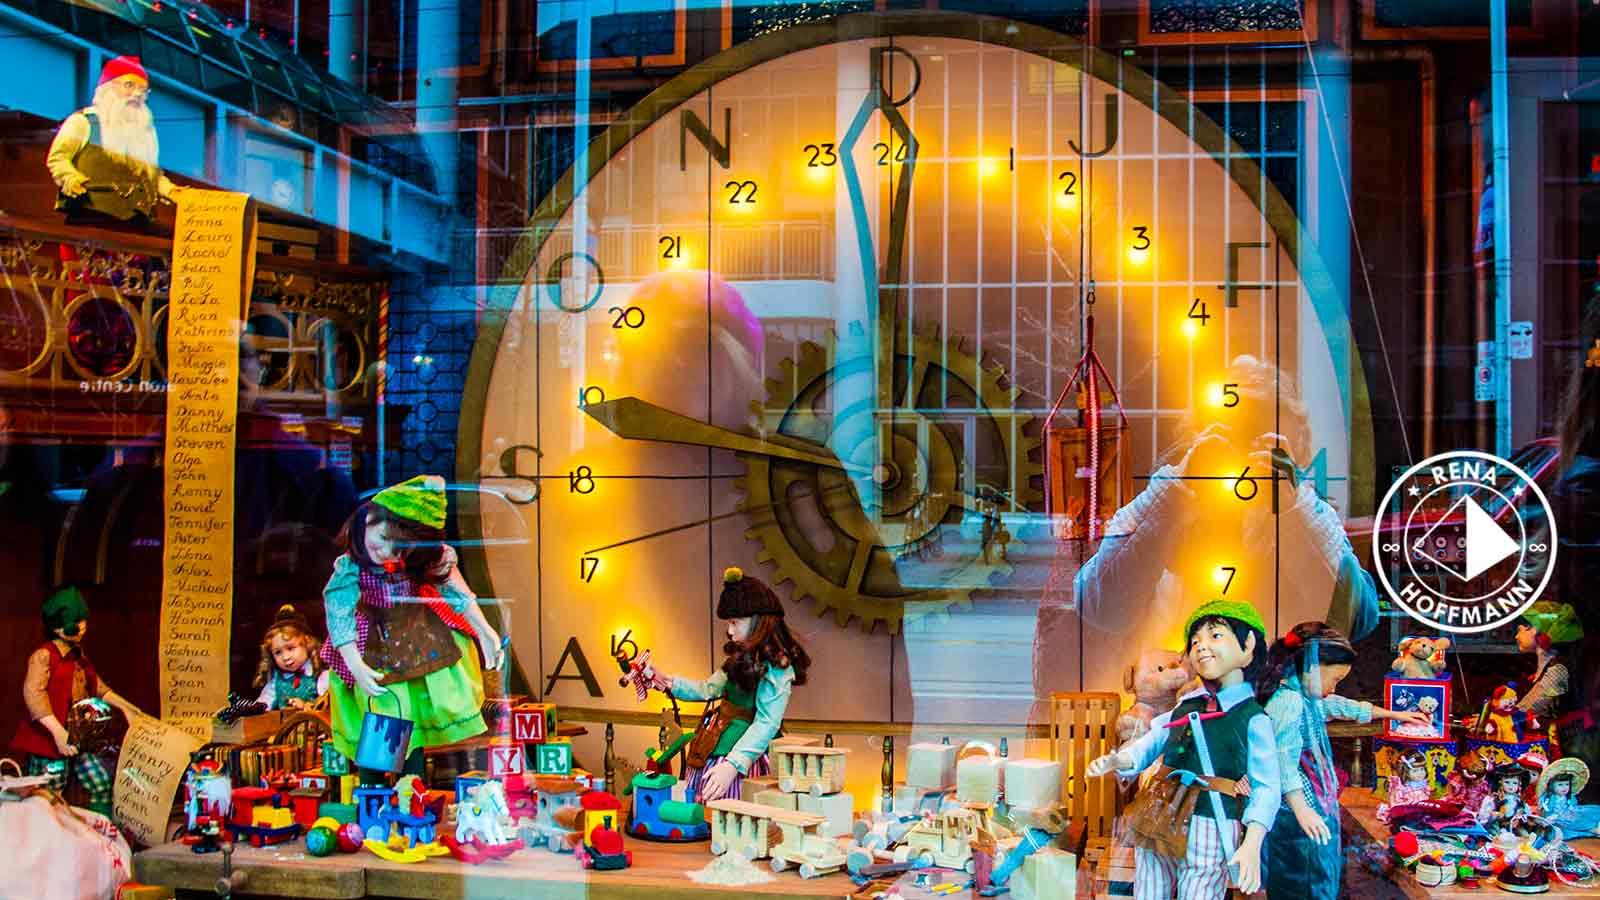 xmas-window- fairy tale foto-rena-hoffman.jpg